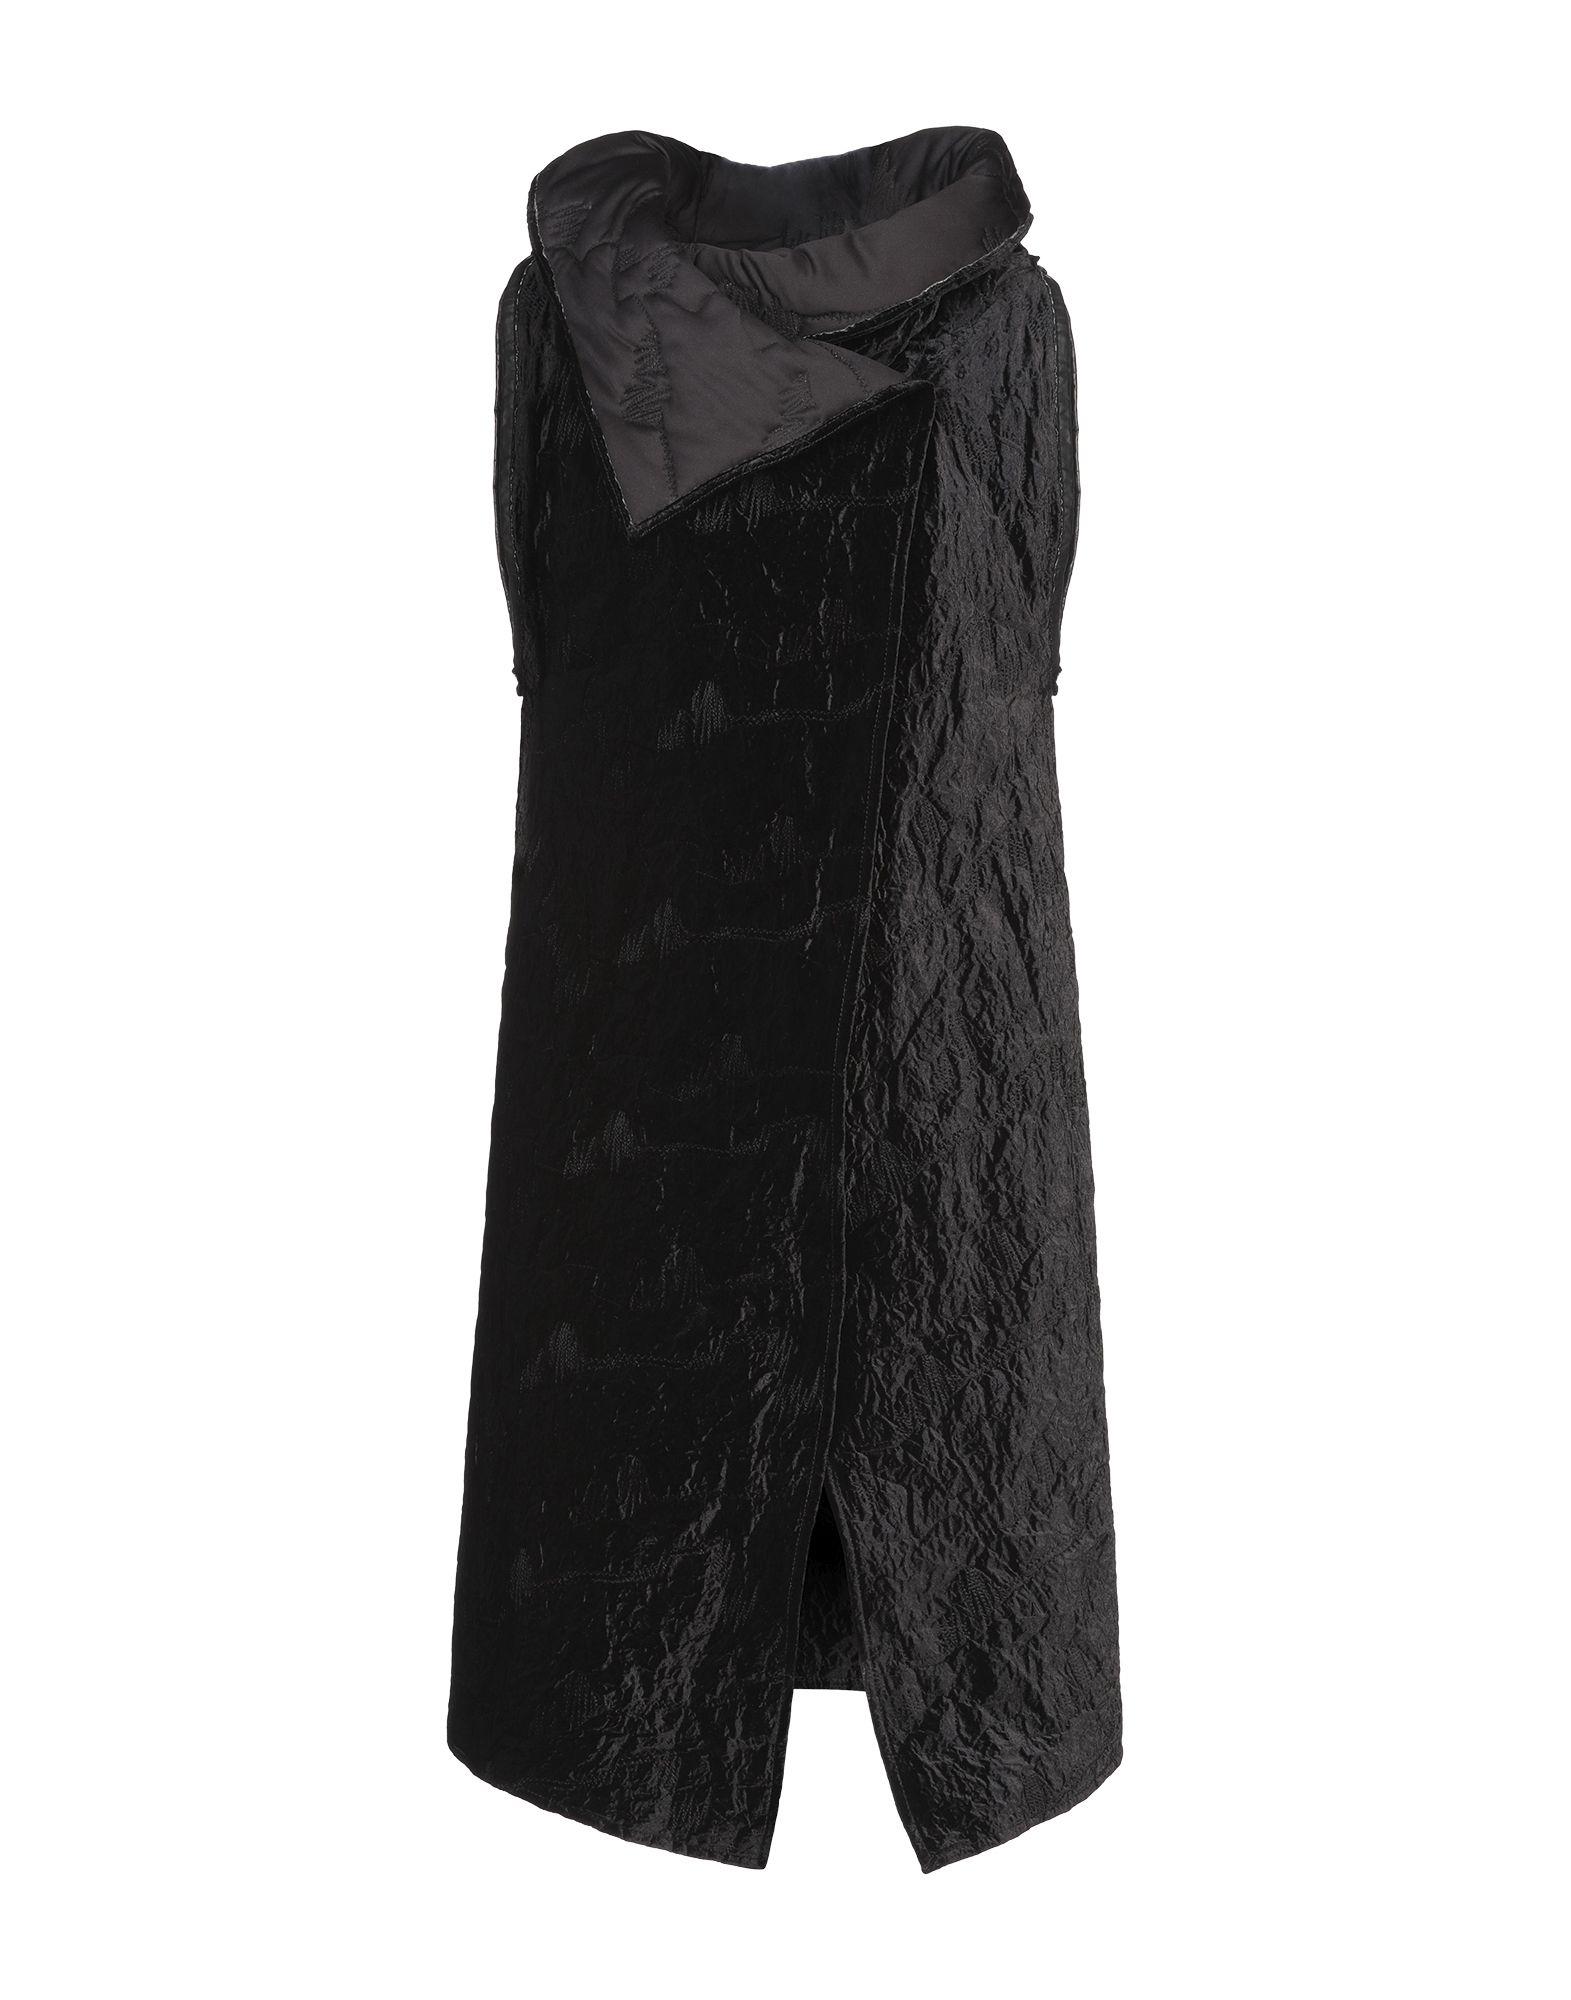 《セール開催中》SIMONA TAGLIAFERRI レディース コート ブラック S ポリエステル 81% / 指定外繊維(アルリカハネガヤ) 15% / ポリウレタン 4%